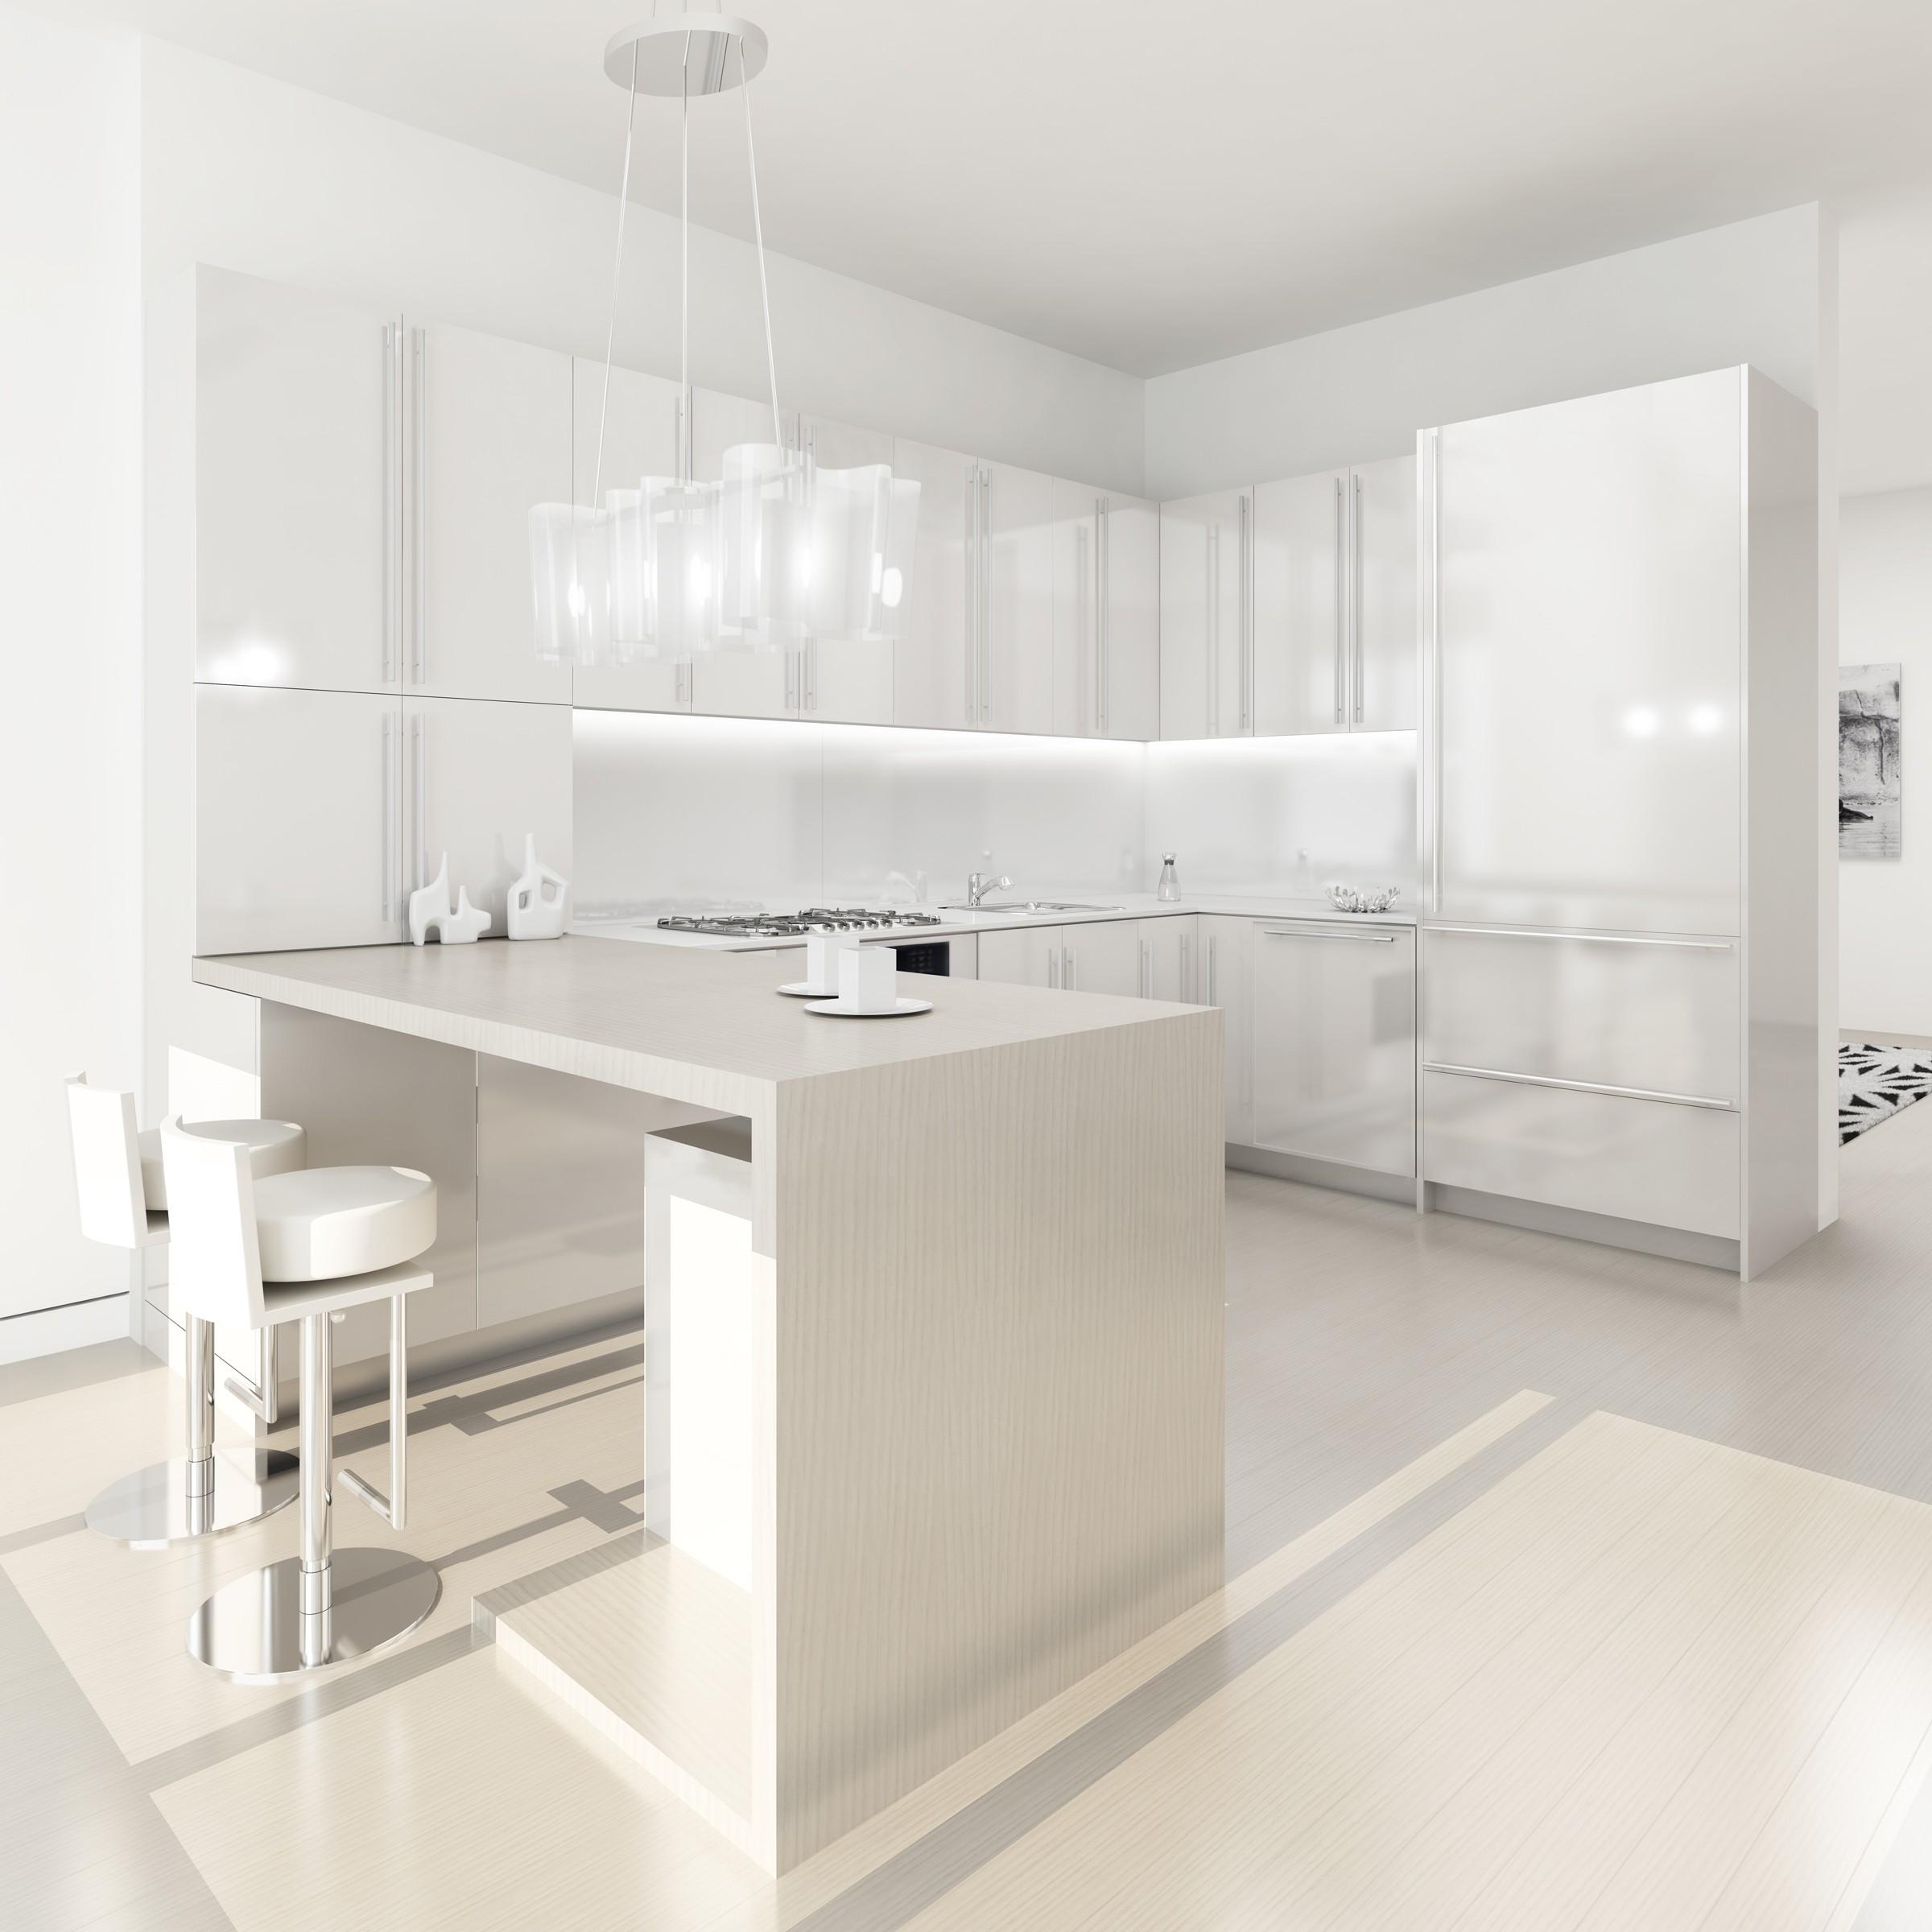 Pure White Basic Kitchen Design